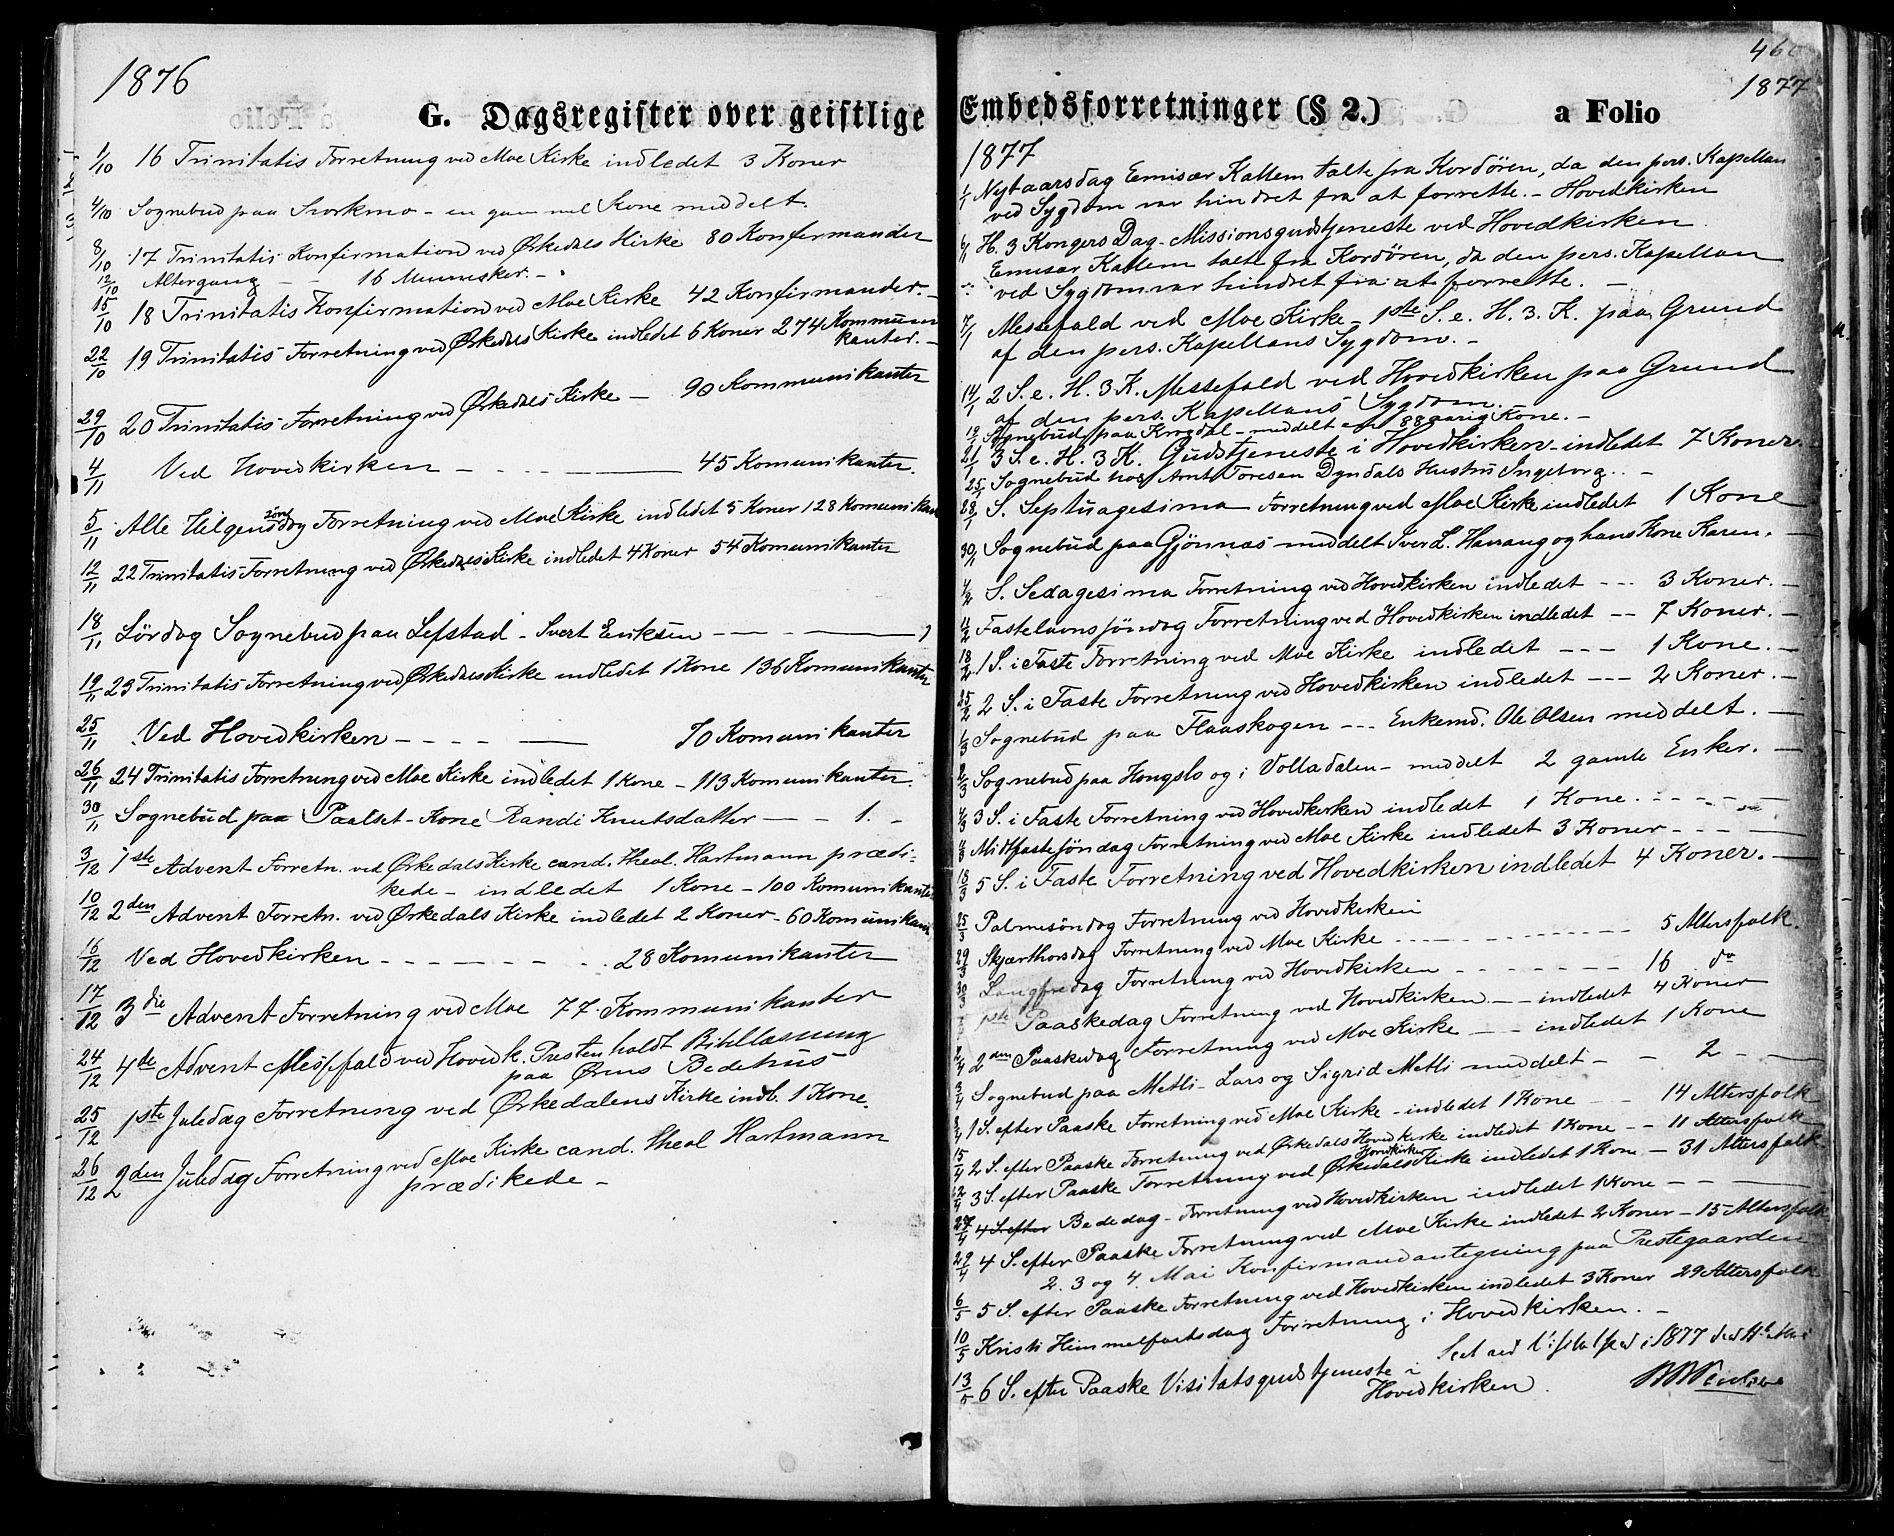 SAT, Ministerialprotokoller, klokkerbøker og fødselsregistre - Sør-Trøndelag, 668/L0807: Ministerialbok nr. 668A07, 1870-1880, s. 462